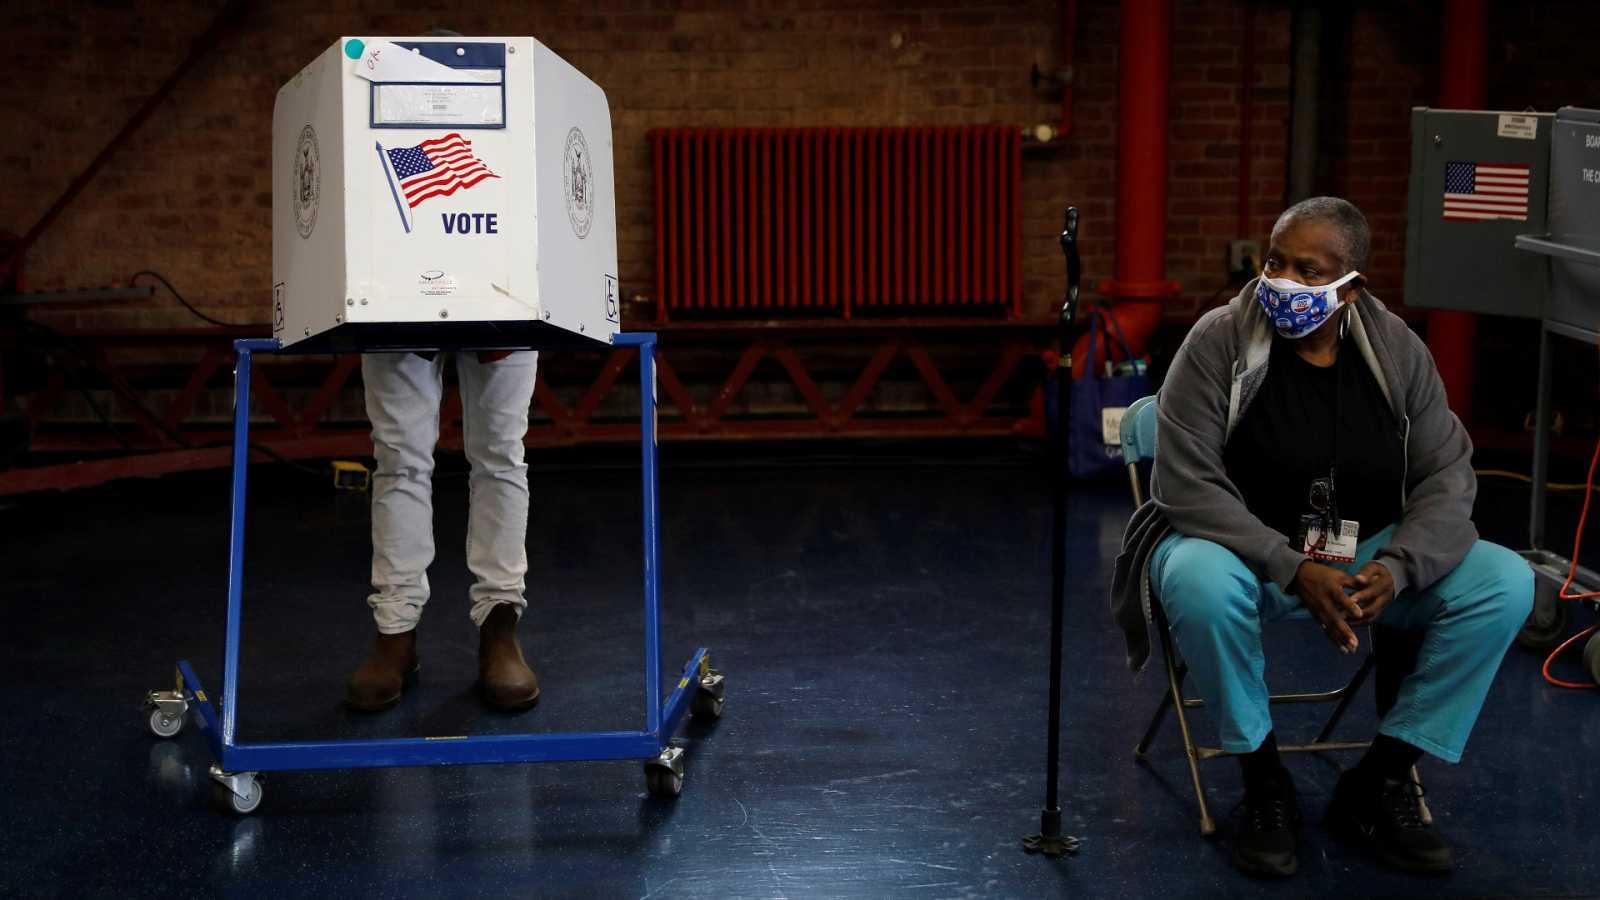 Reportajes 5 Continentes - Elecciones en EE.UU.: los afroamericanos, un voto decisivo? - Escuchar ahora